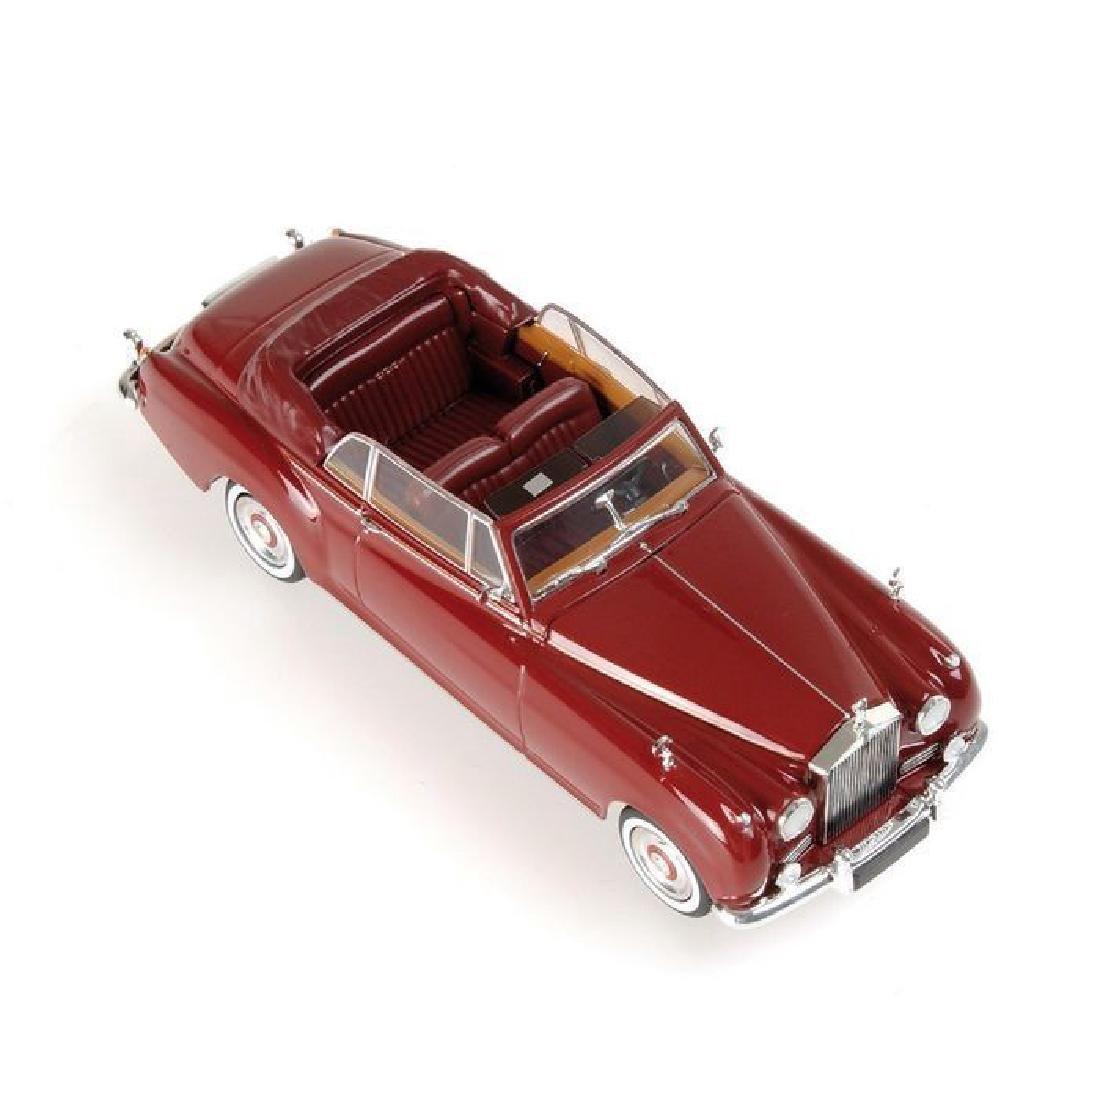 Minichamps 1:43 Rolls-Royce Silver Cloud II Cabriolet - 4